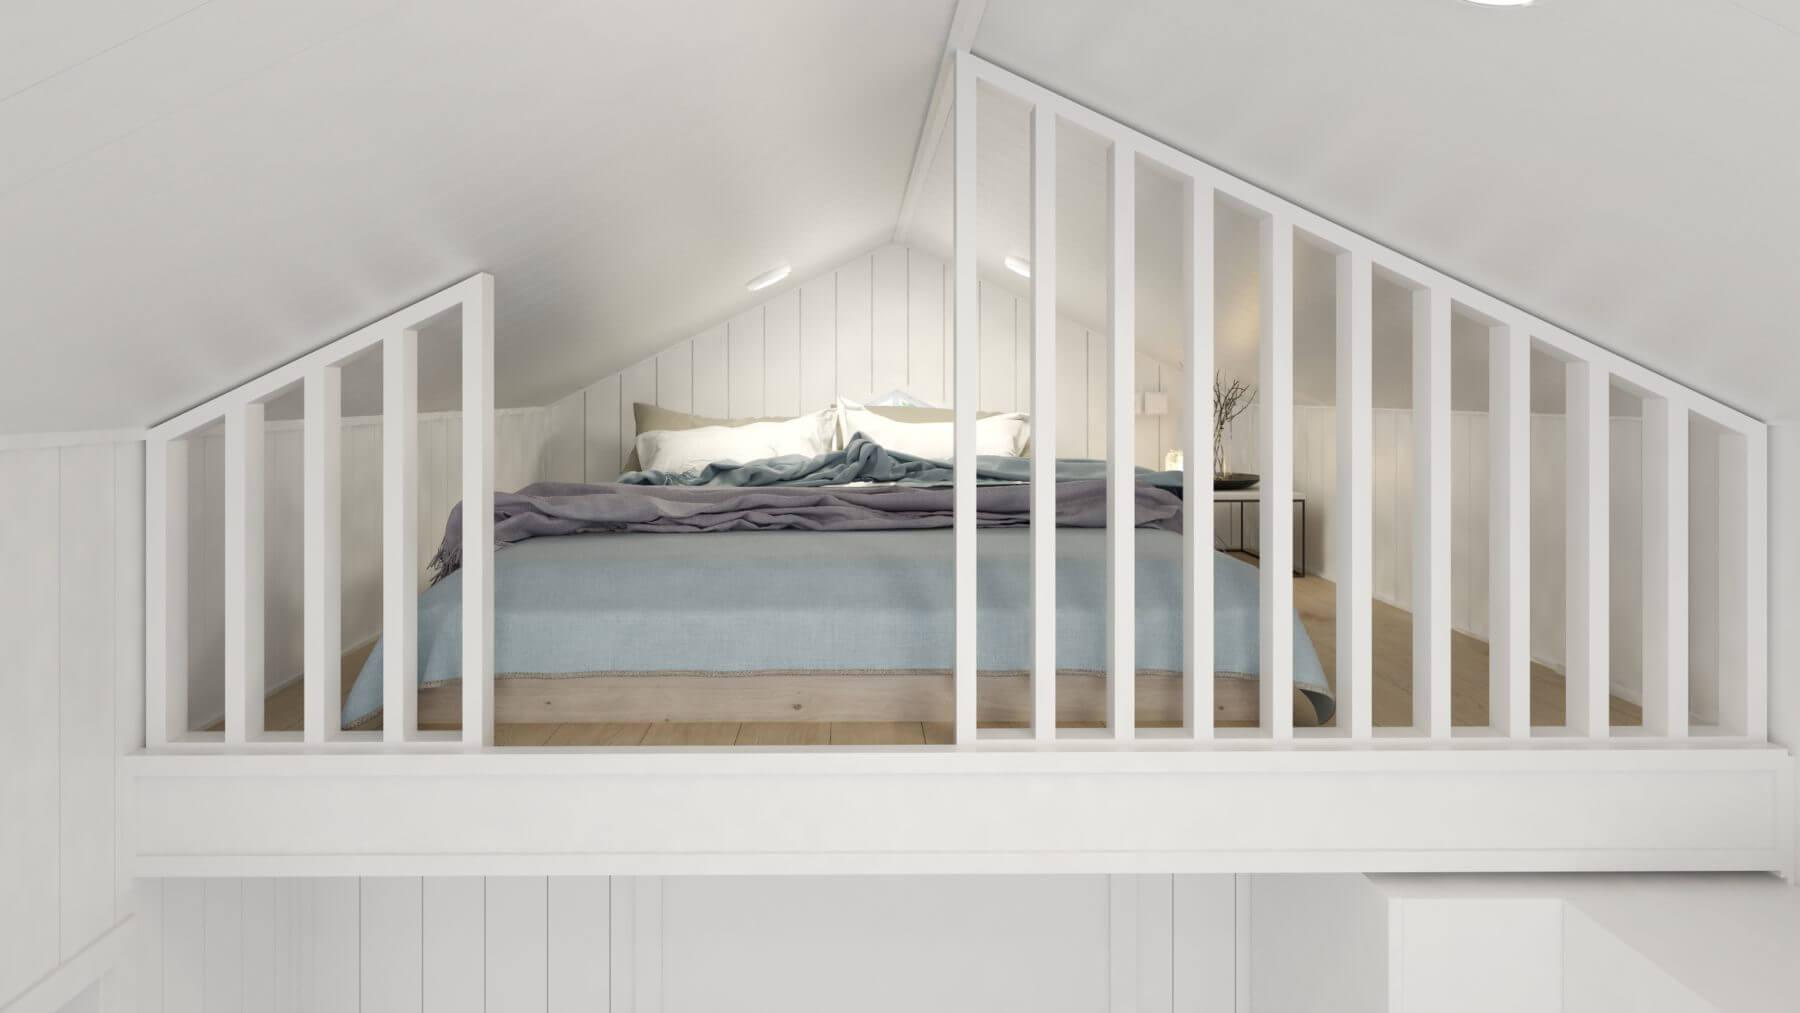 Attefallshus Klassisk 25.1 sovloft med dubbelsäng och vitt lofträcke